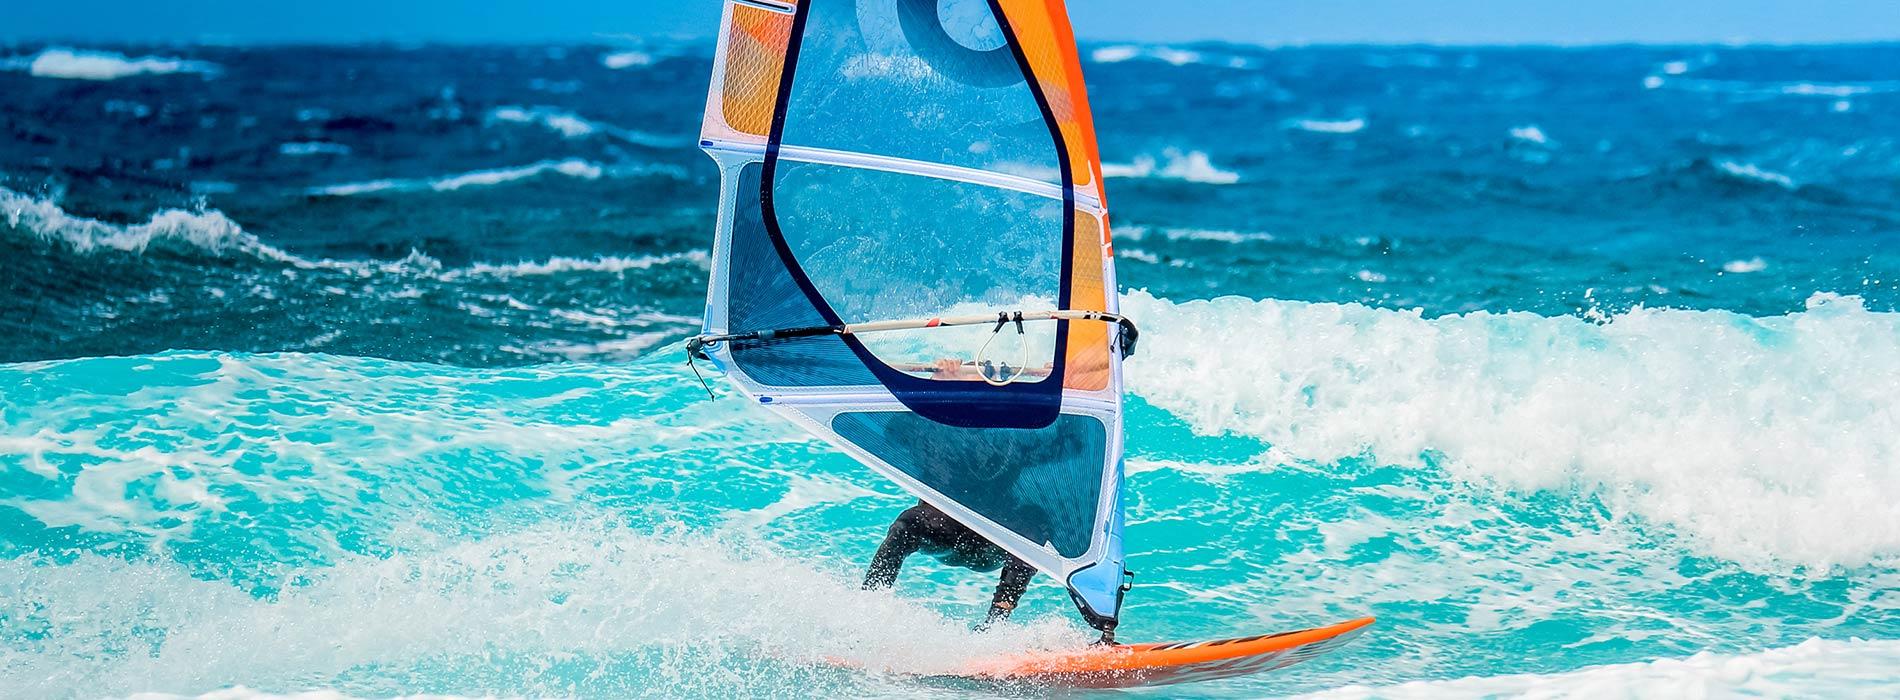 beim Surfen die Freiheit spüren